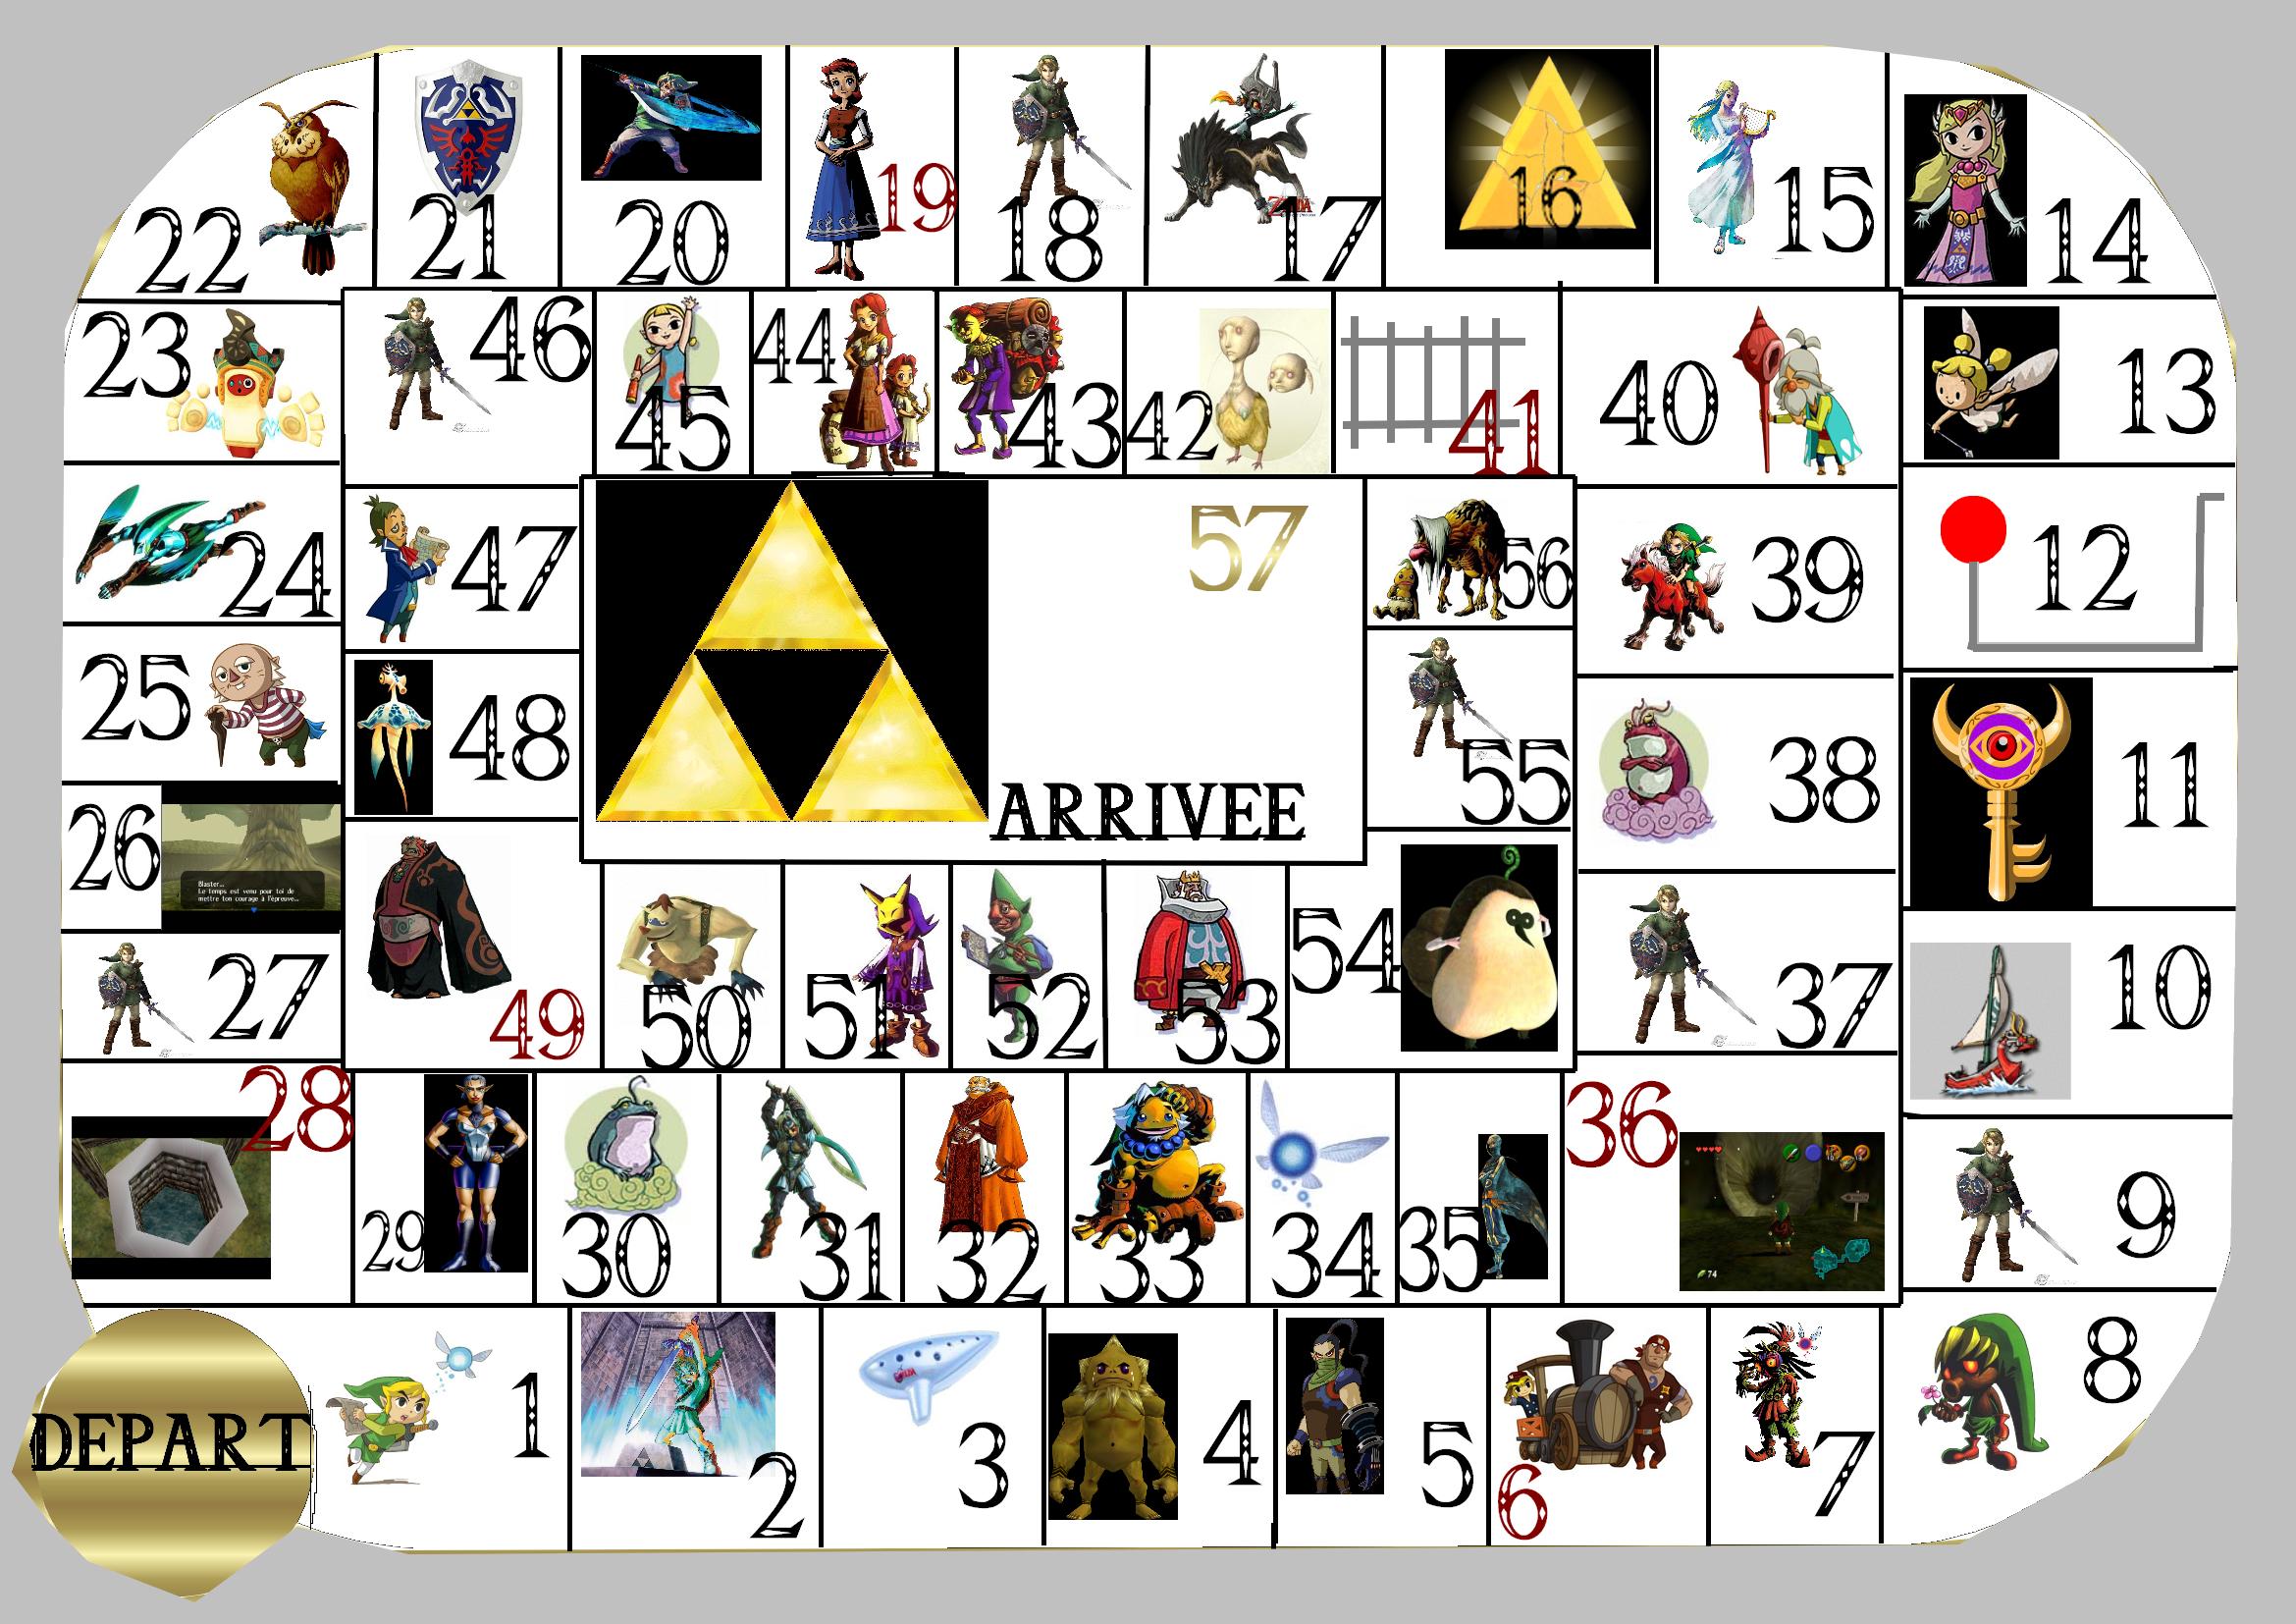 Jeux Papier - Le Palais De Zelda concernant Mots Croisés Faciles À Imprimer Gratuitement